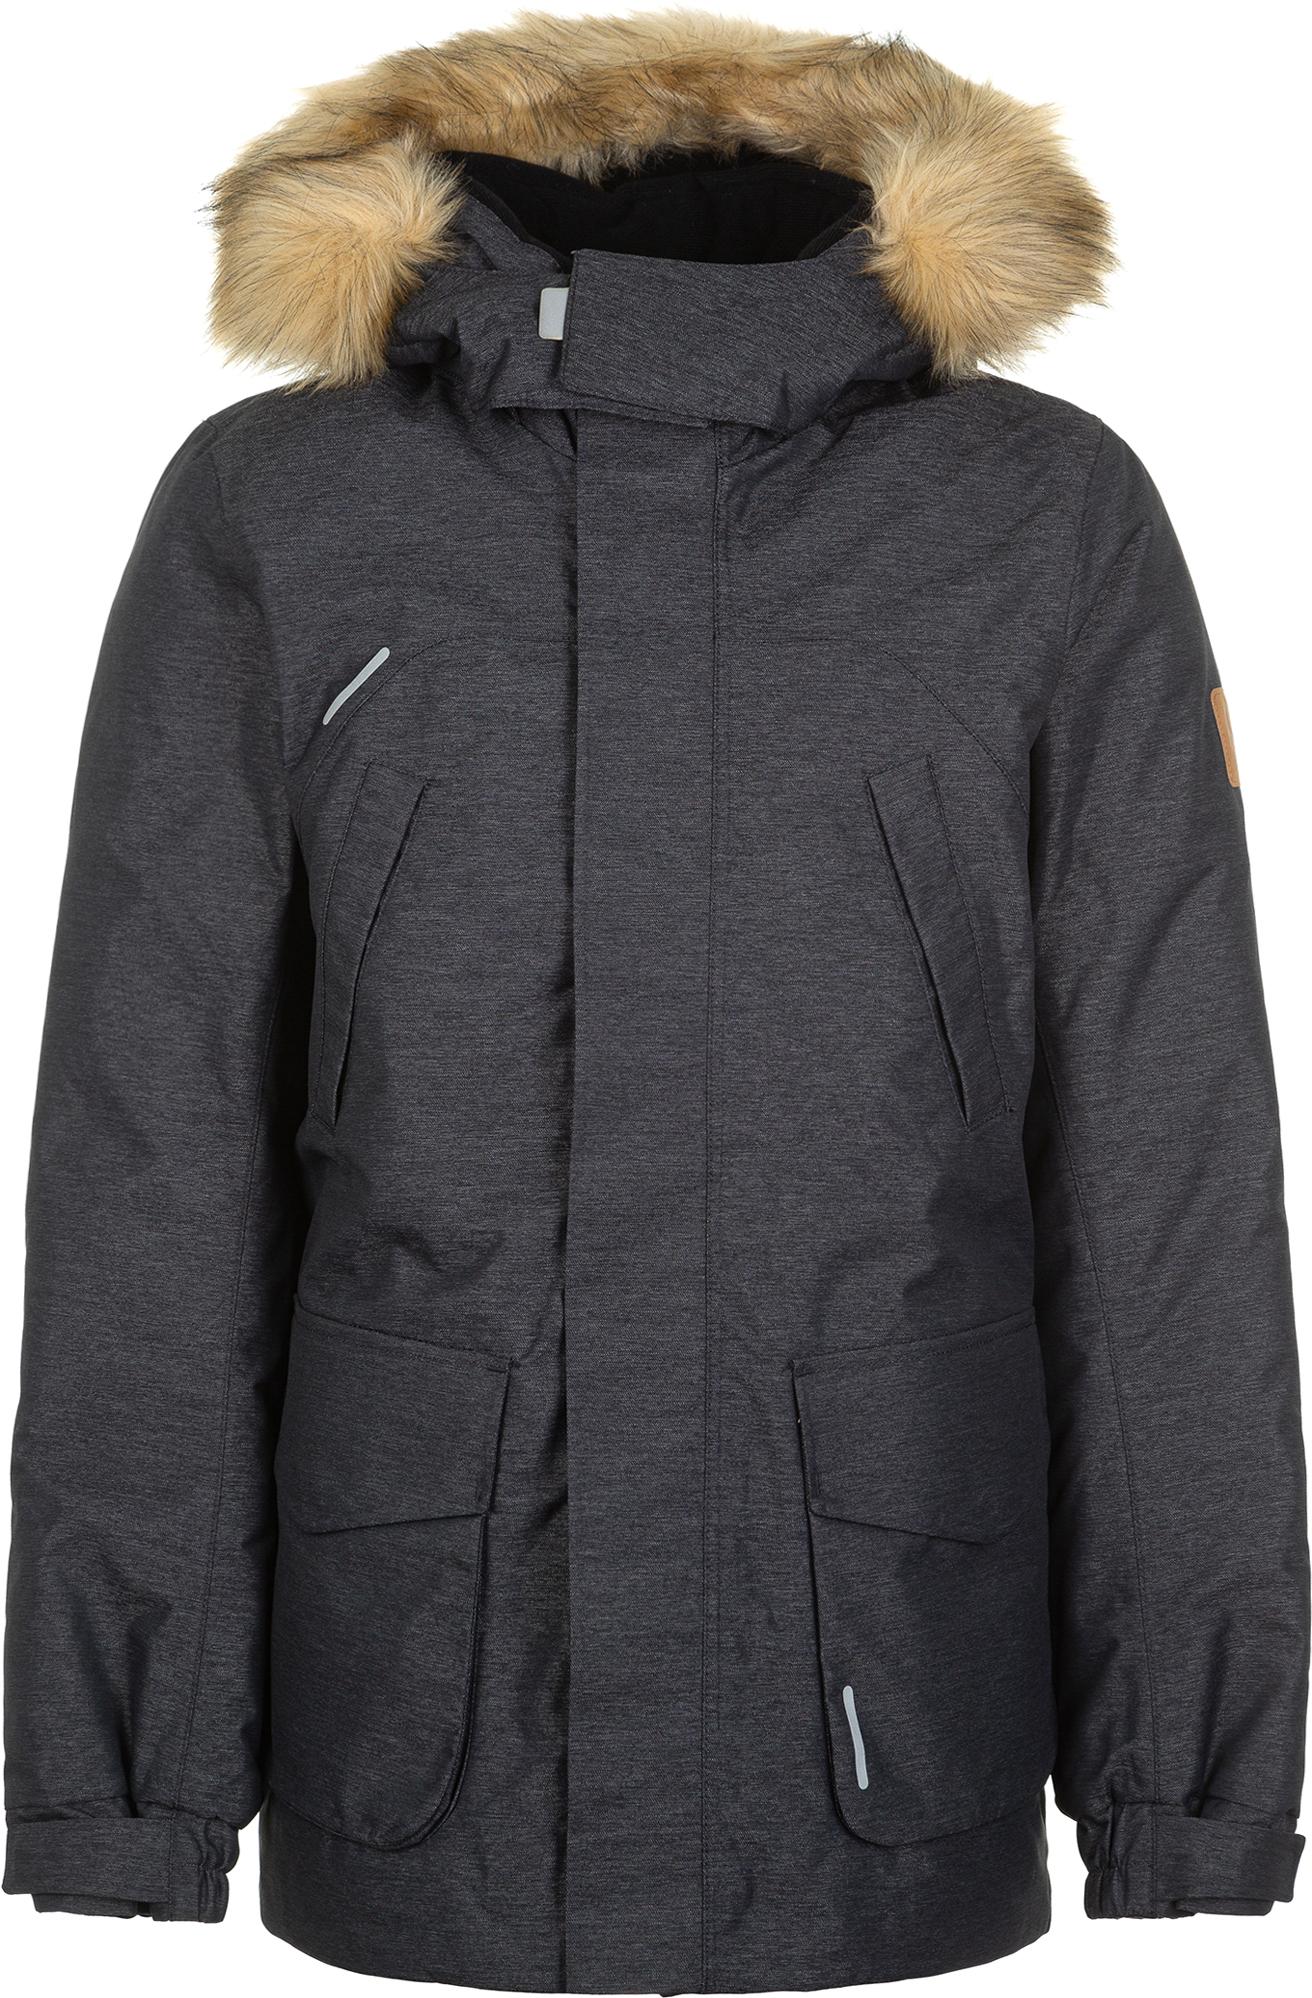 Reima Куртка пуховая для мальчиков Ugra, размер 158